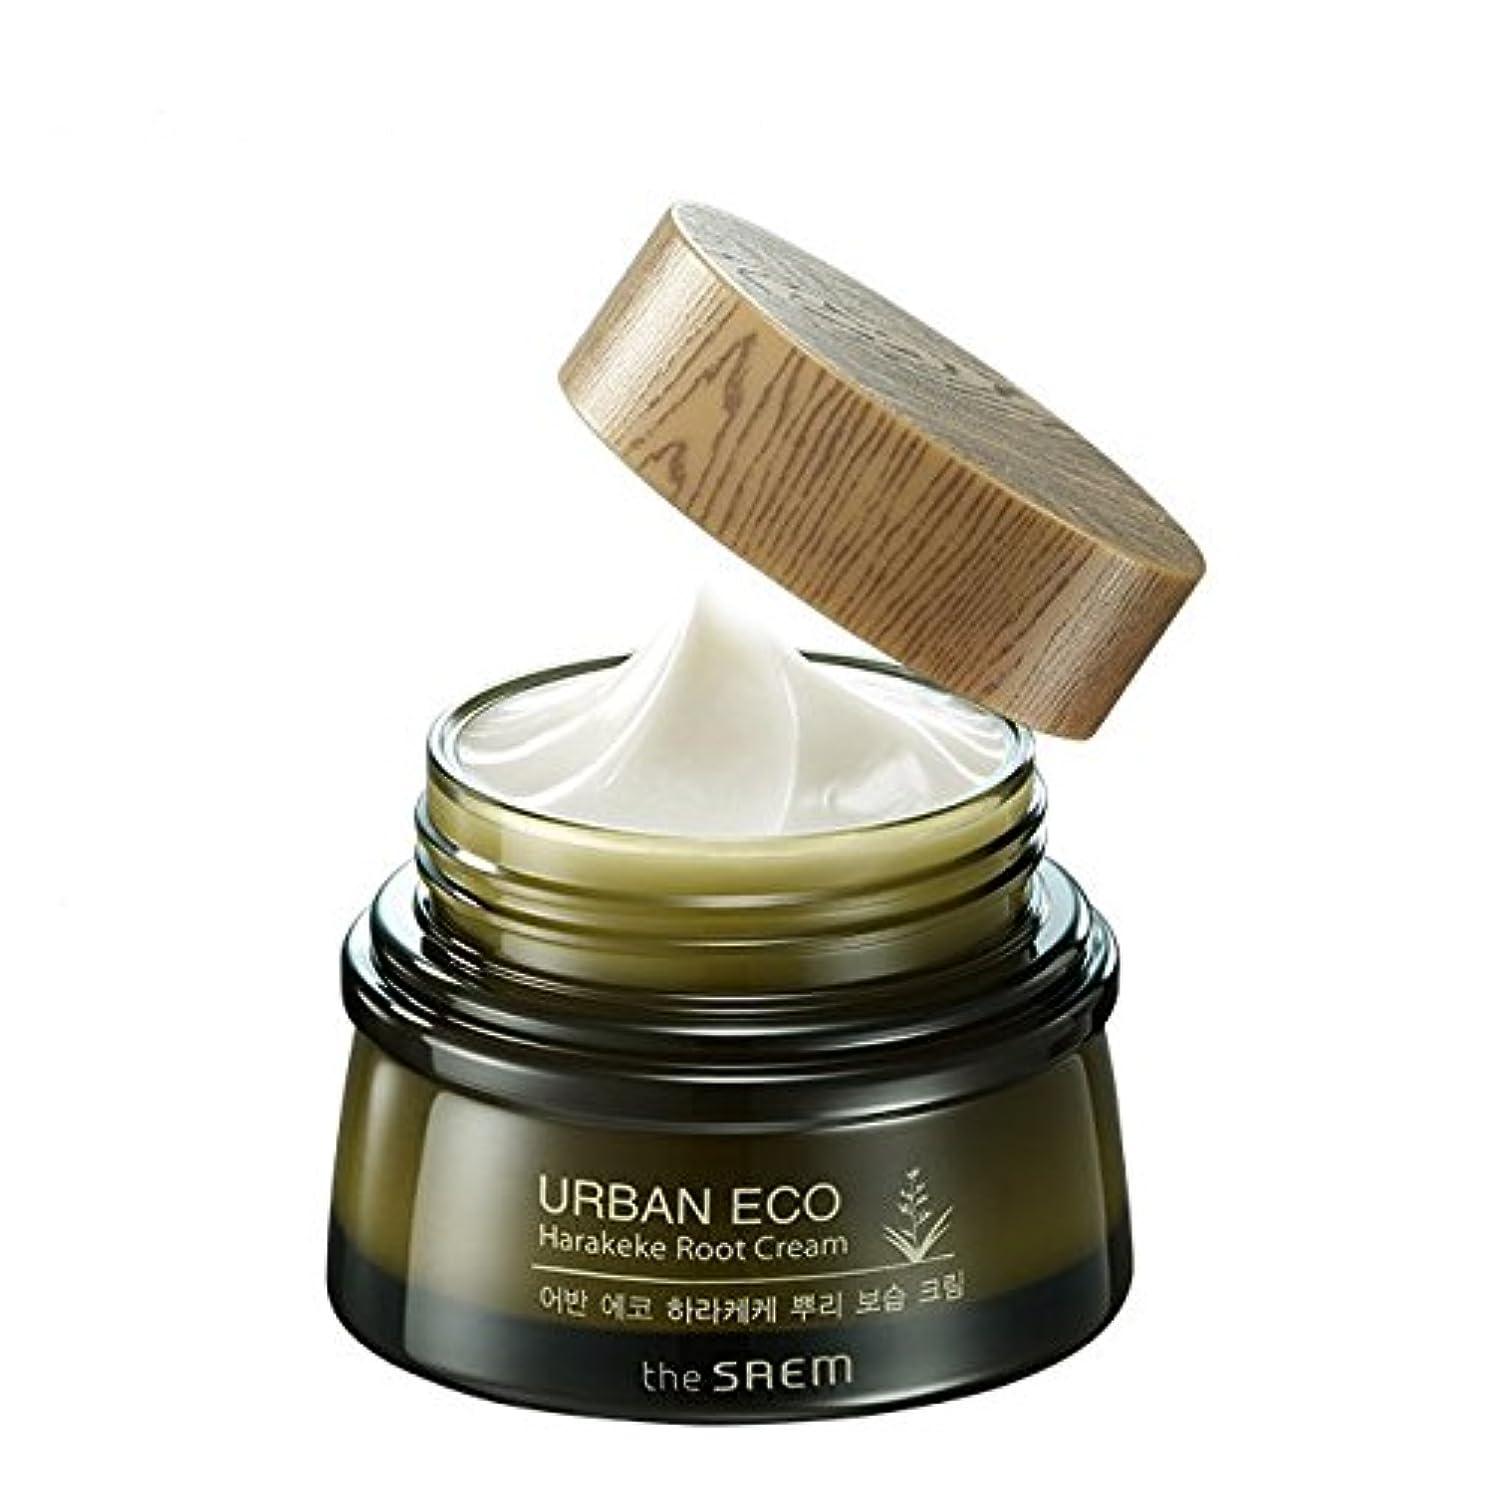 ほのめかすブロッサム行商人[ザセム] The Saem [アーバンエコ ハラケケ 根保湿クリーム60ml (The Saem Urban Eco Harakeke Root Cream60ml)